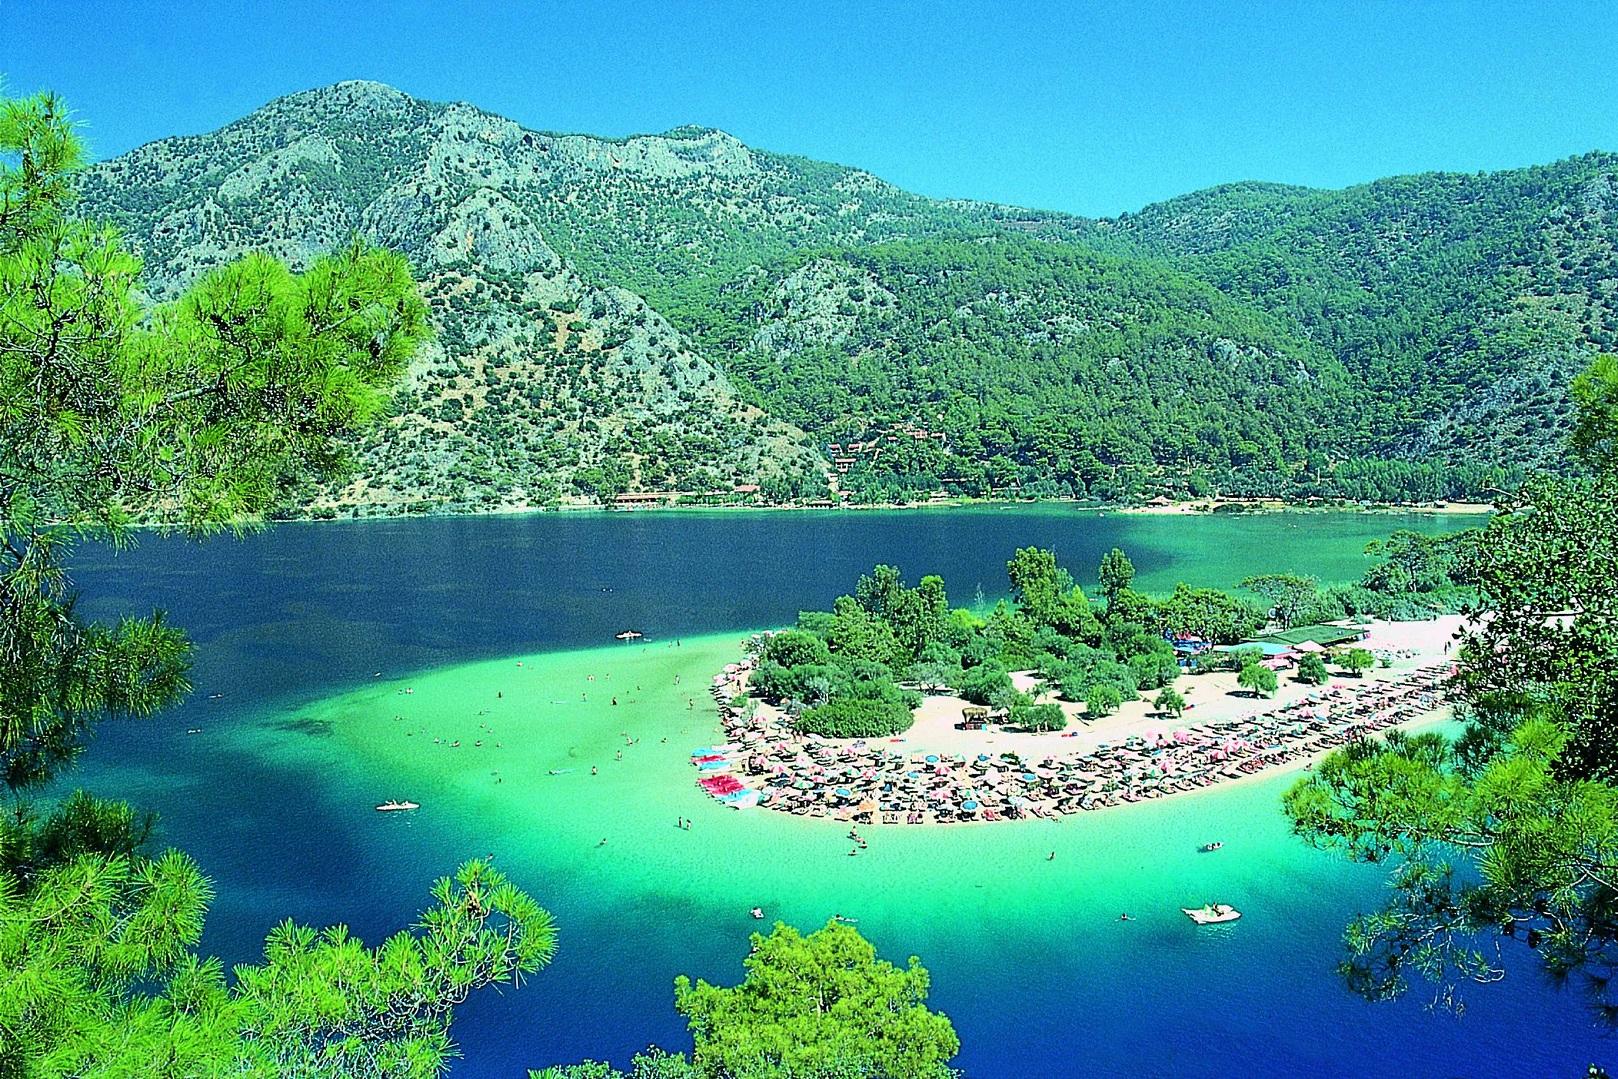 نتيجة بحث الصور عن البحيرة الزرقاء تركيا